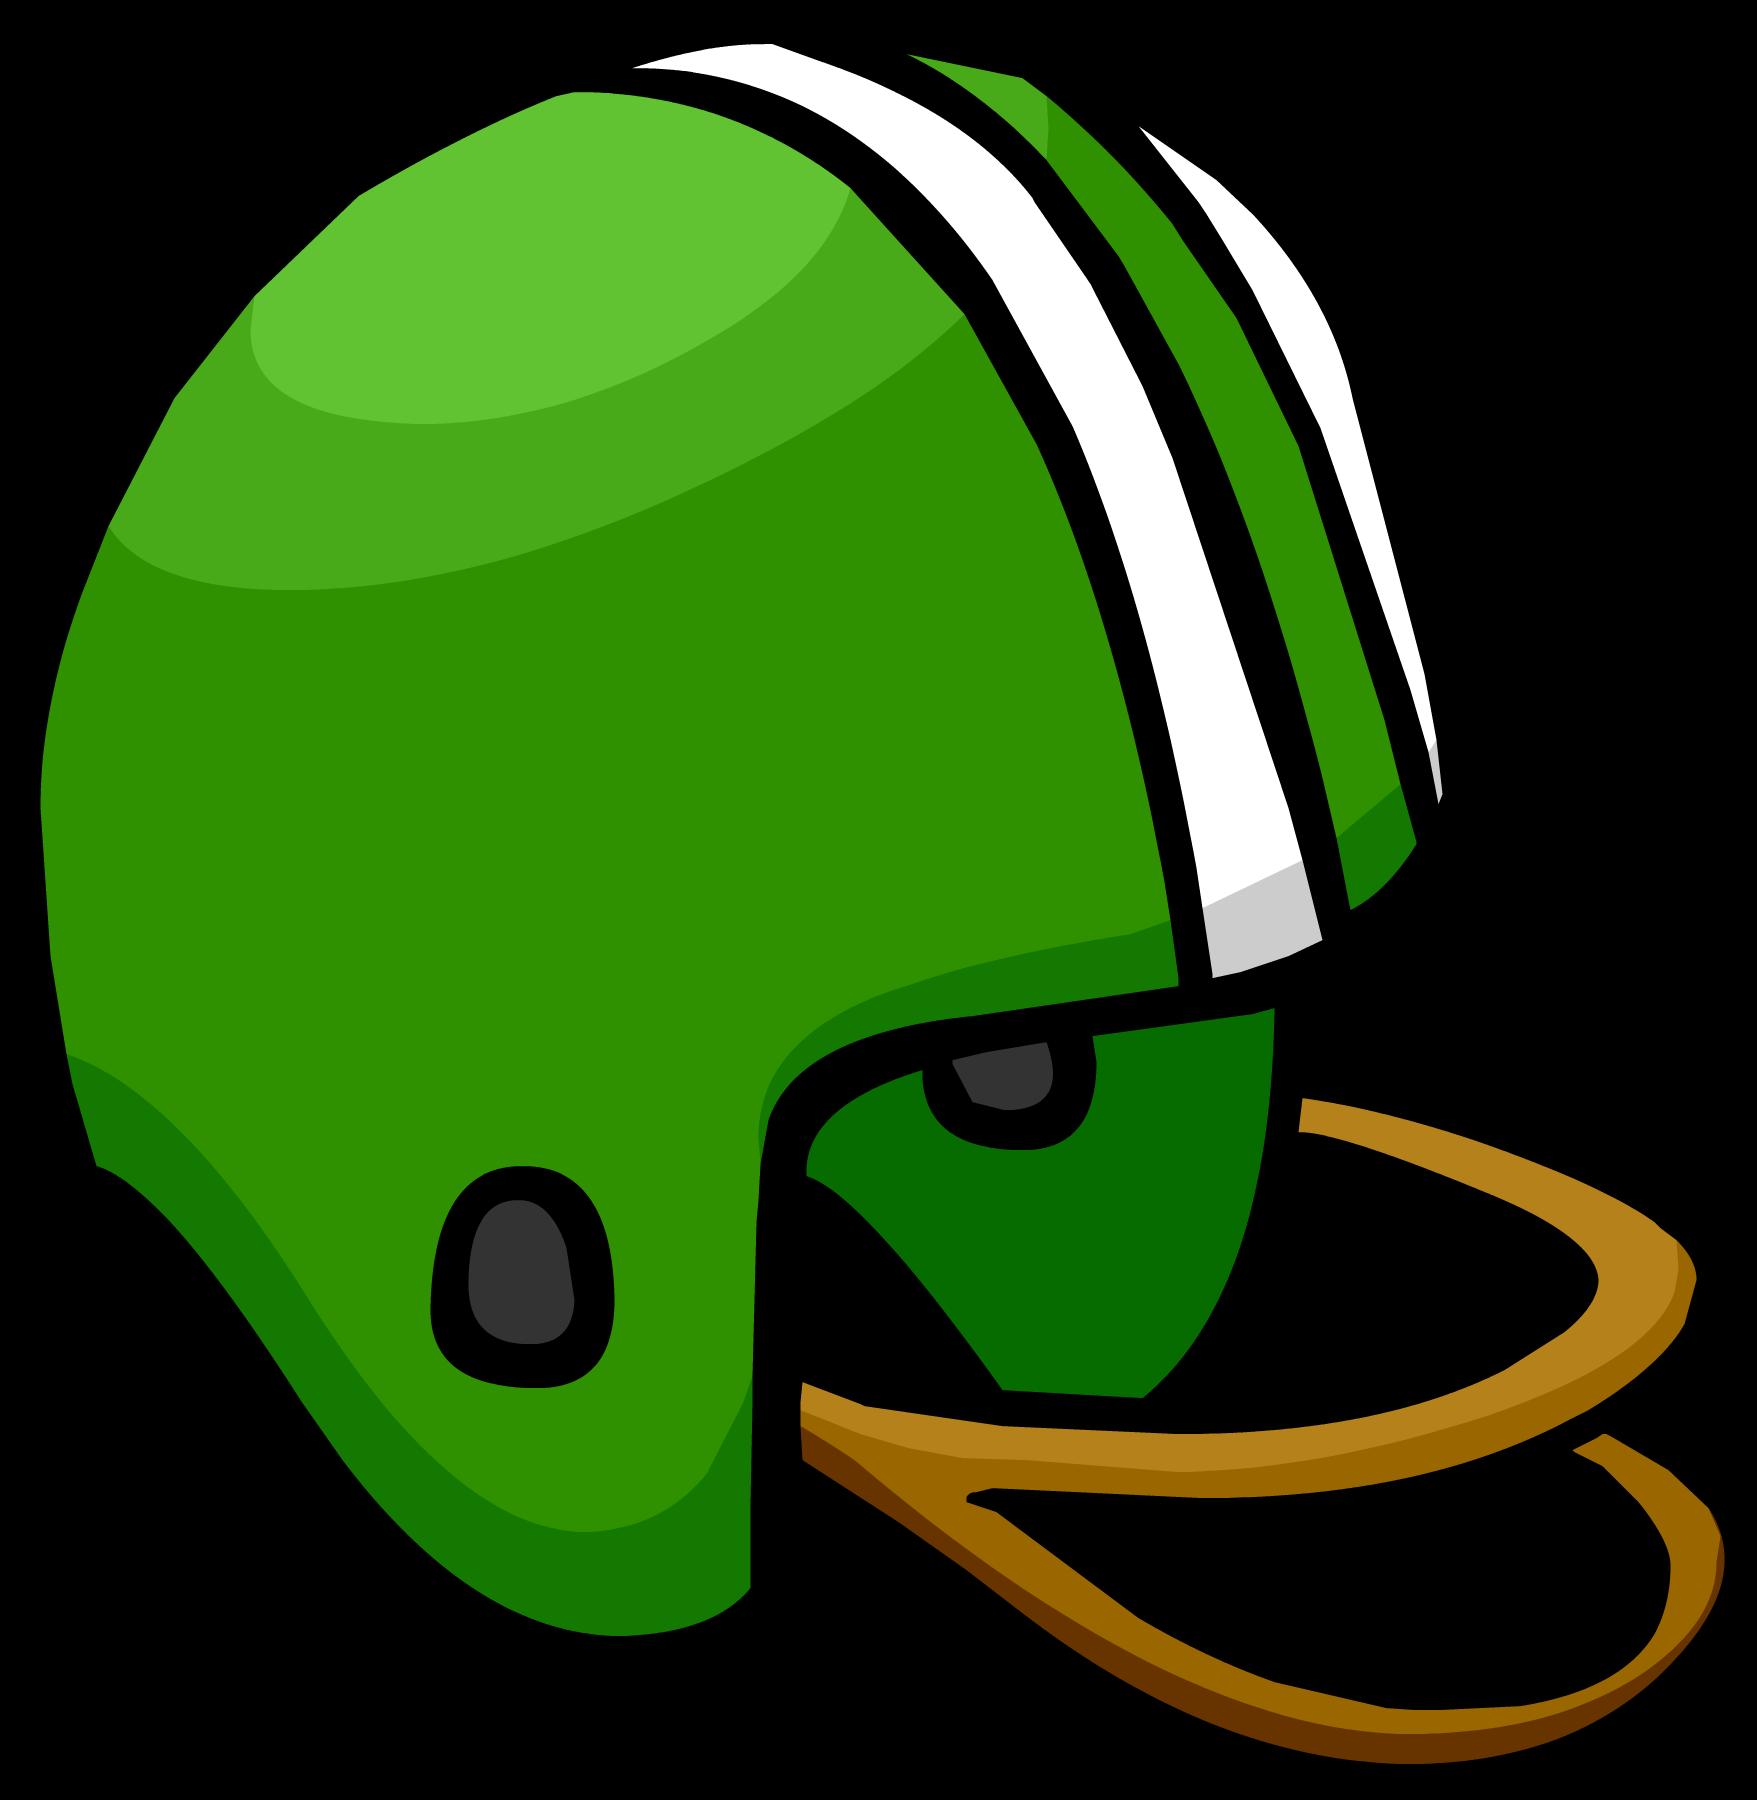 Green Football Helmet